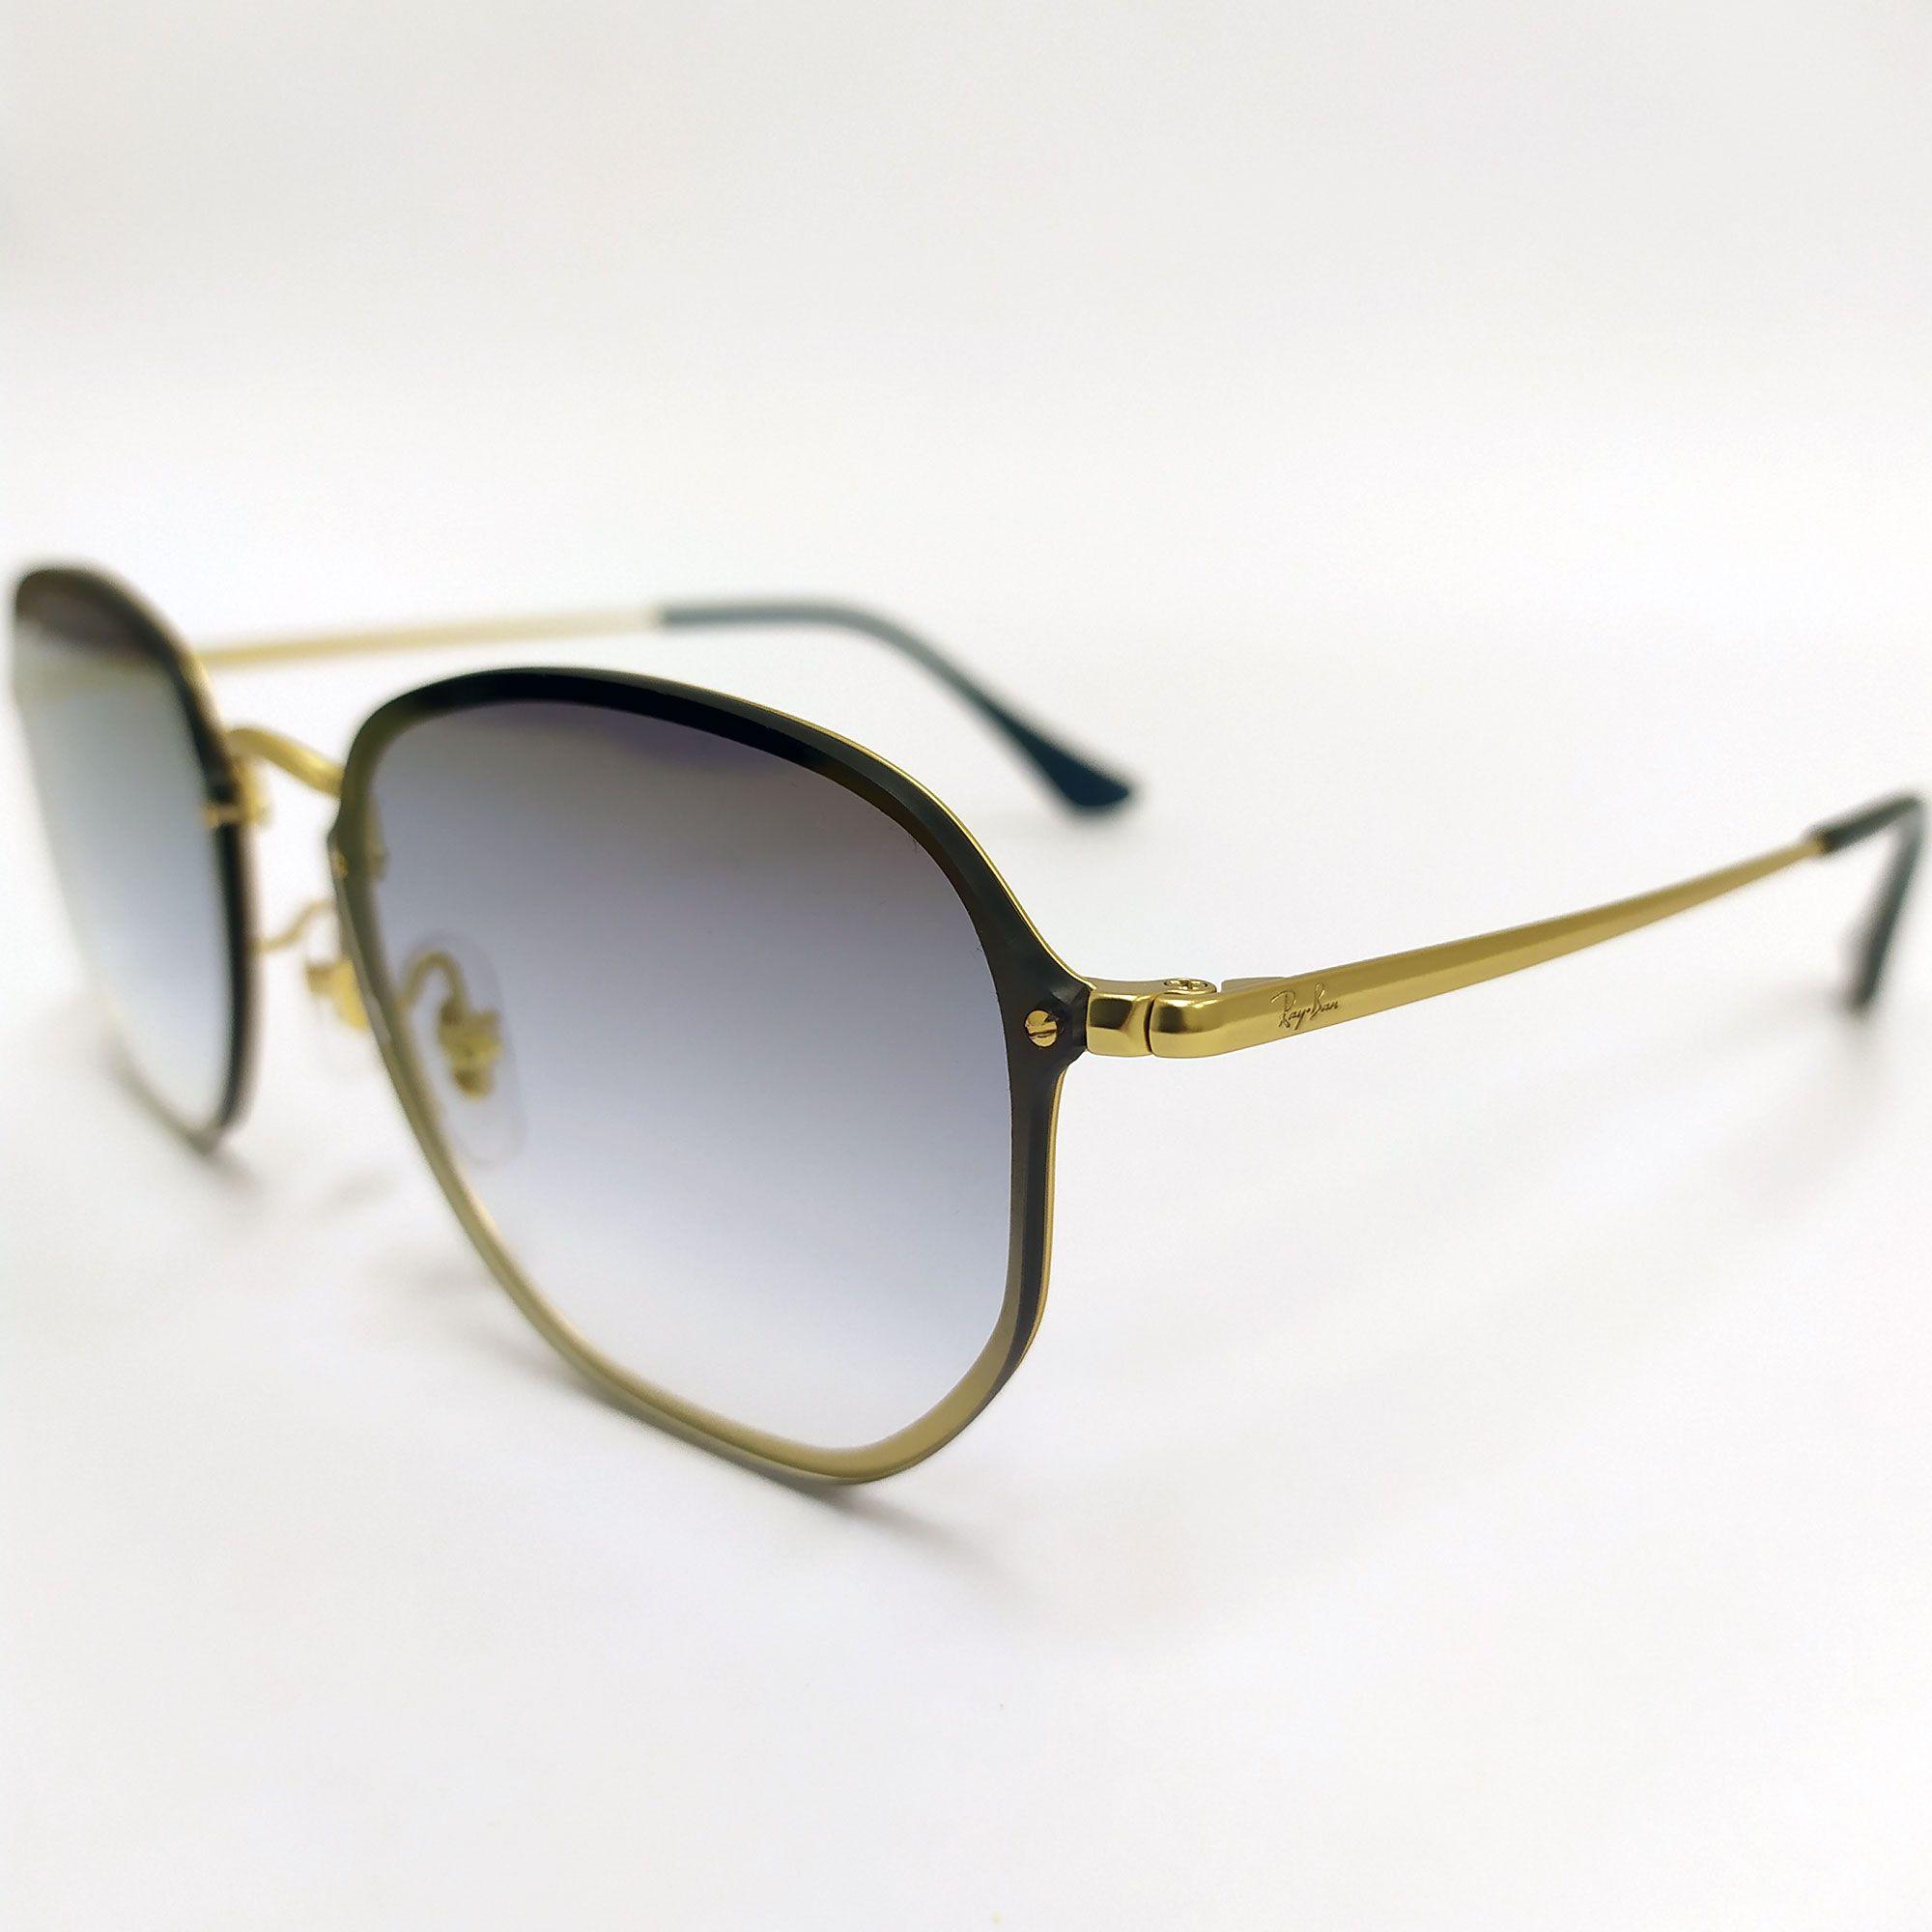 Óculos de Sol Ray-Ban Blaze Hexagonal com Lente Azul Espelhada degradê 3579-N 9140